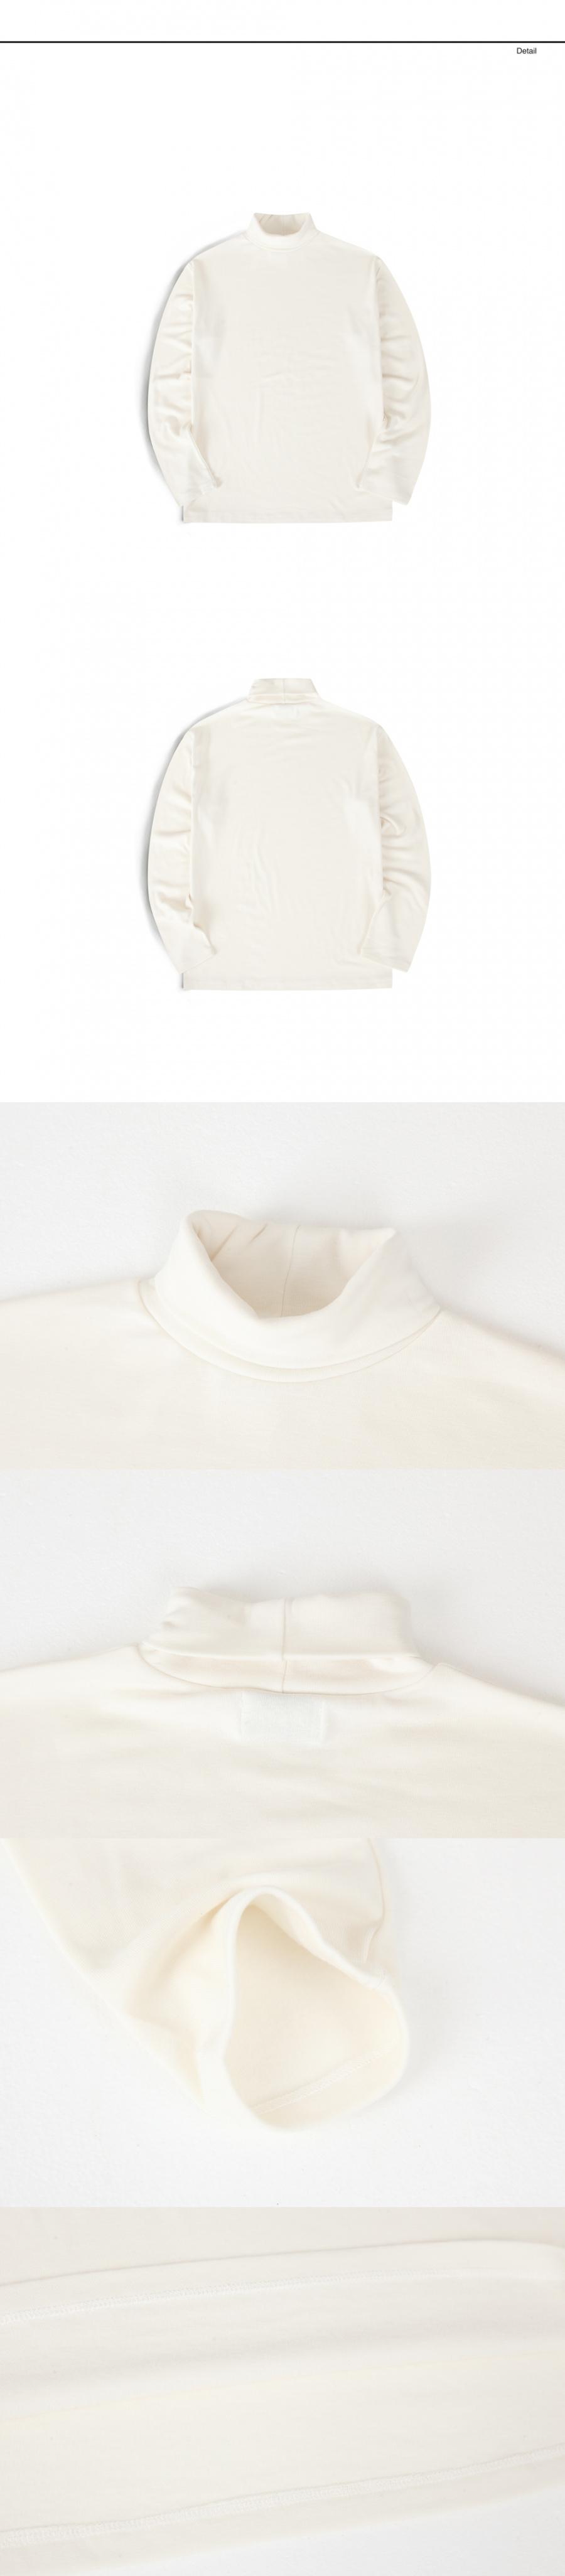 랩12(LAB12) 19S/S 터틀넥 티셔츠 (아이보리)